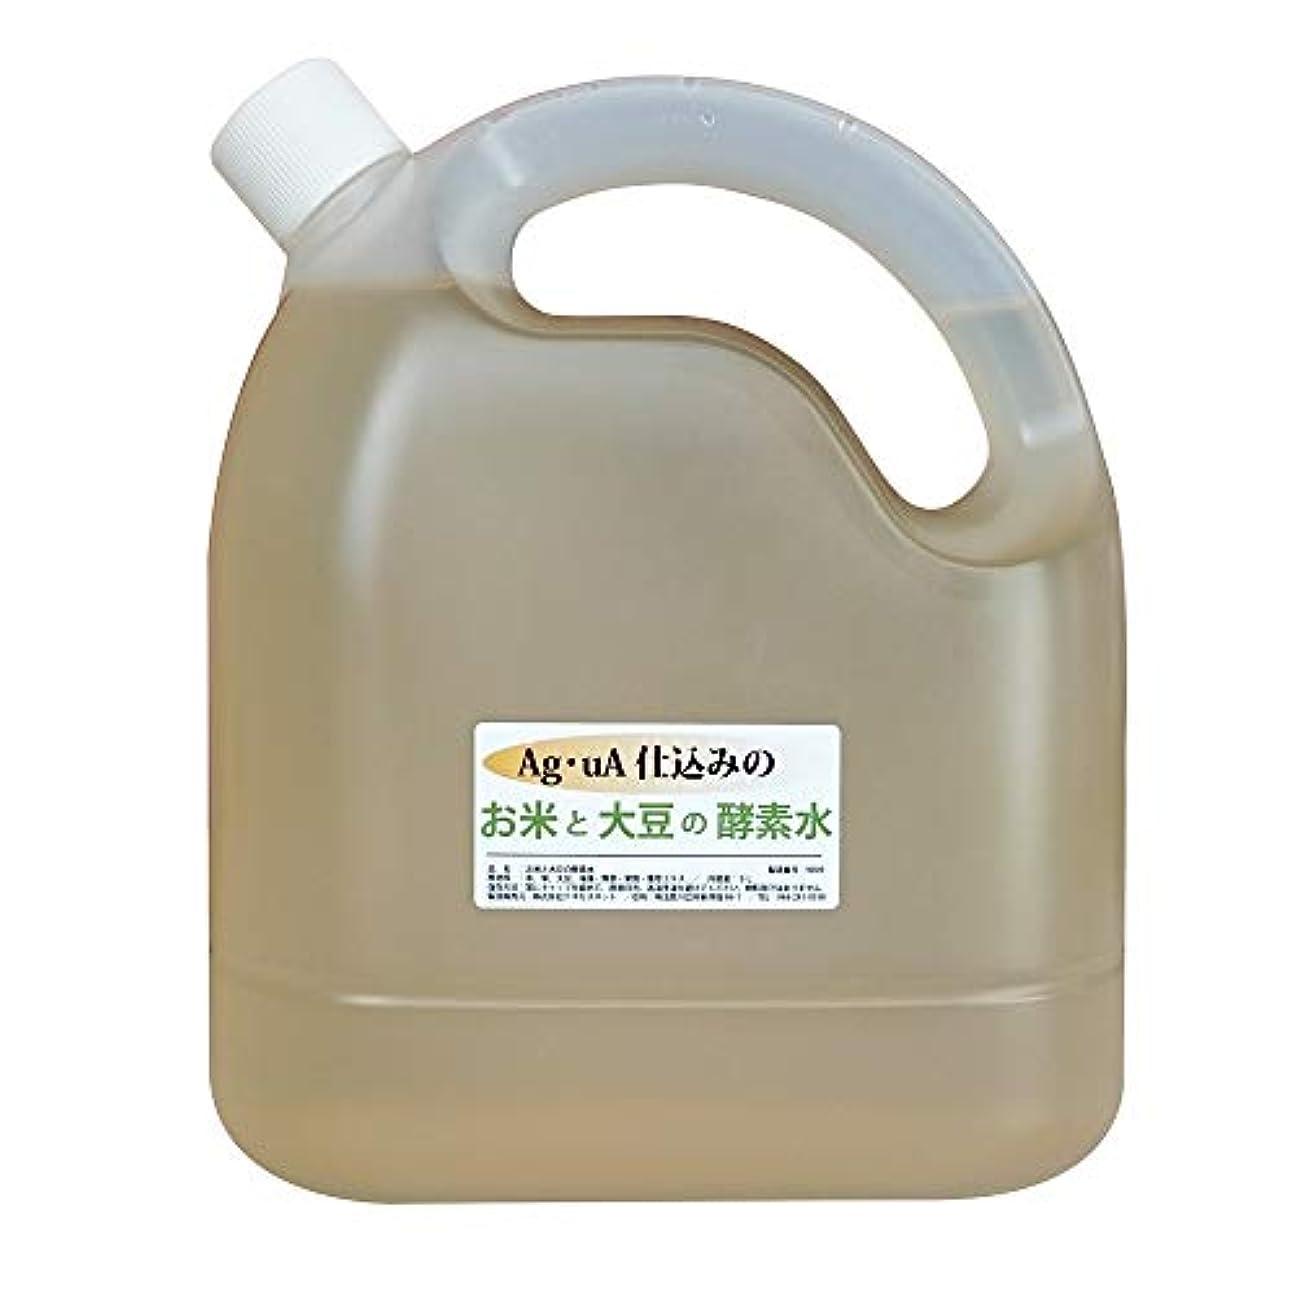 ハリケーン新しい意味はさみテネモス アグア仕込みのお米と大豆の酵素水 5リットル